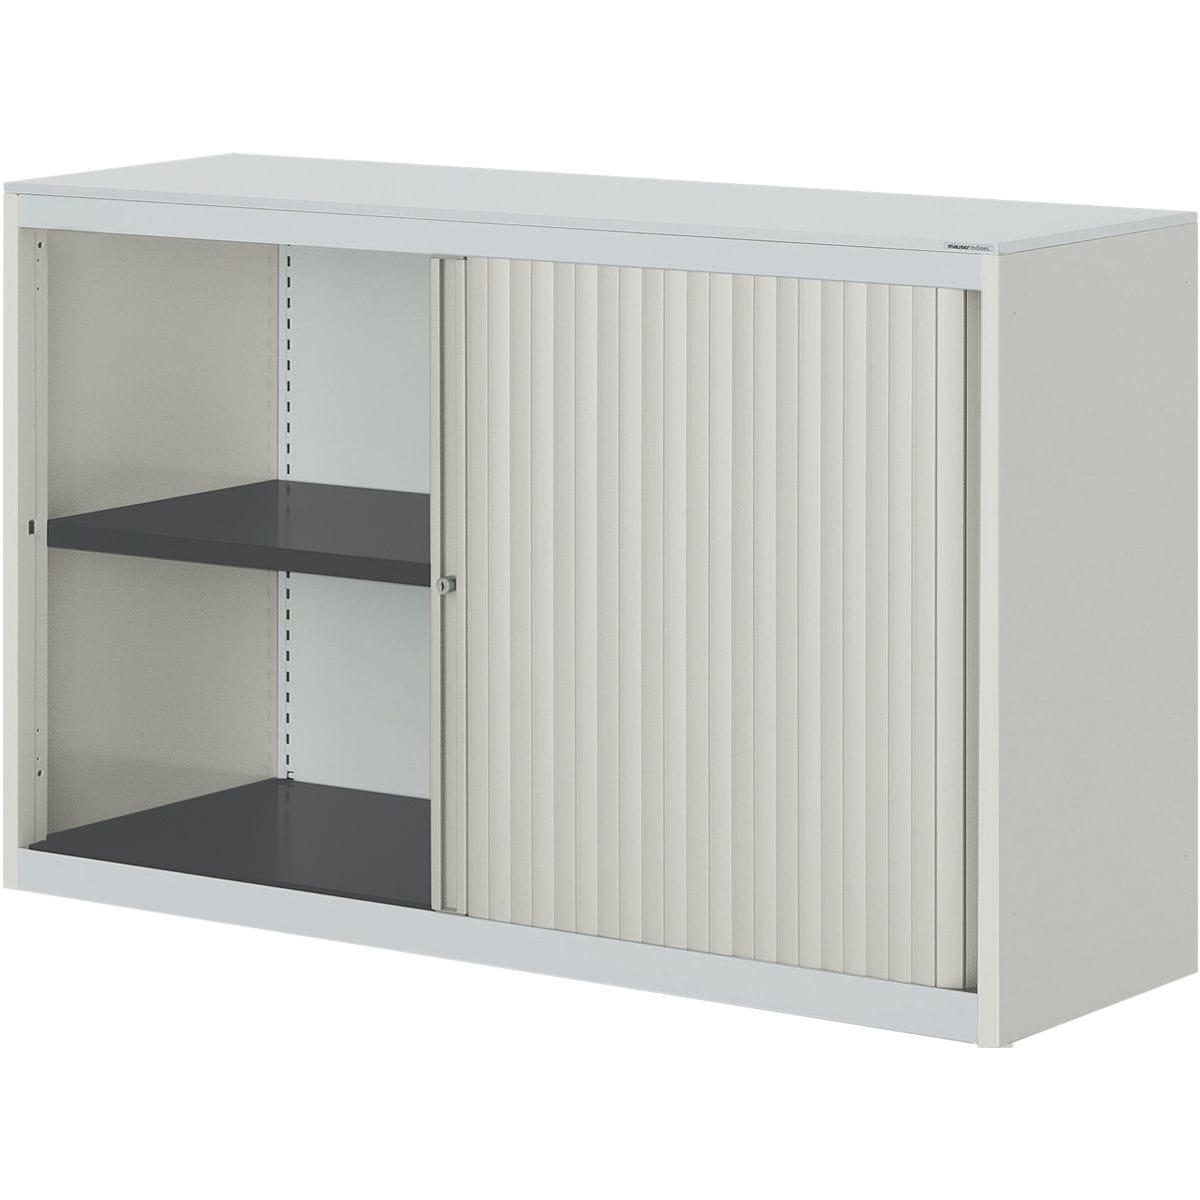 mauser stahlschrank kontoro 125 x 87 cm bei otto office g nstig kaufen. Black Bedroom Furniture Sets. Home Design Ideas